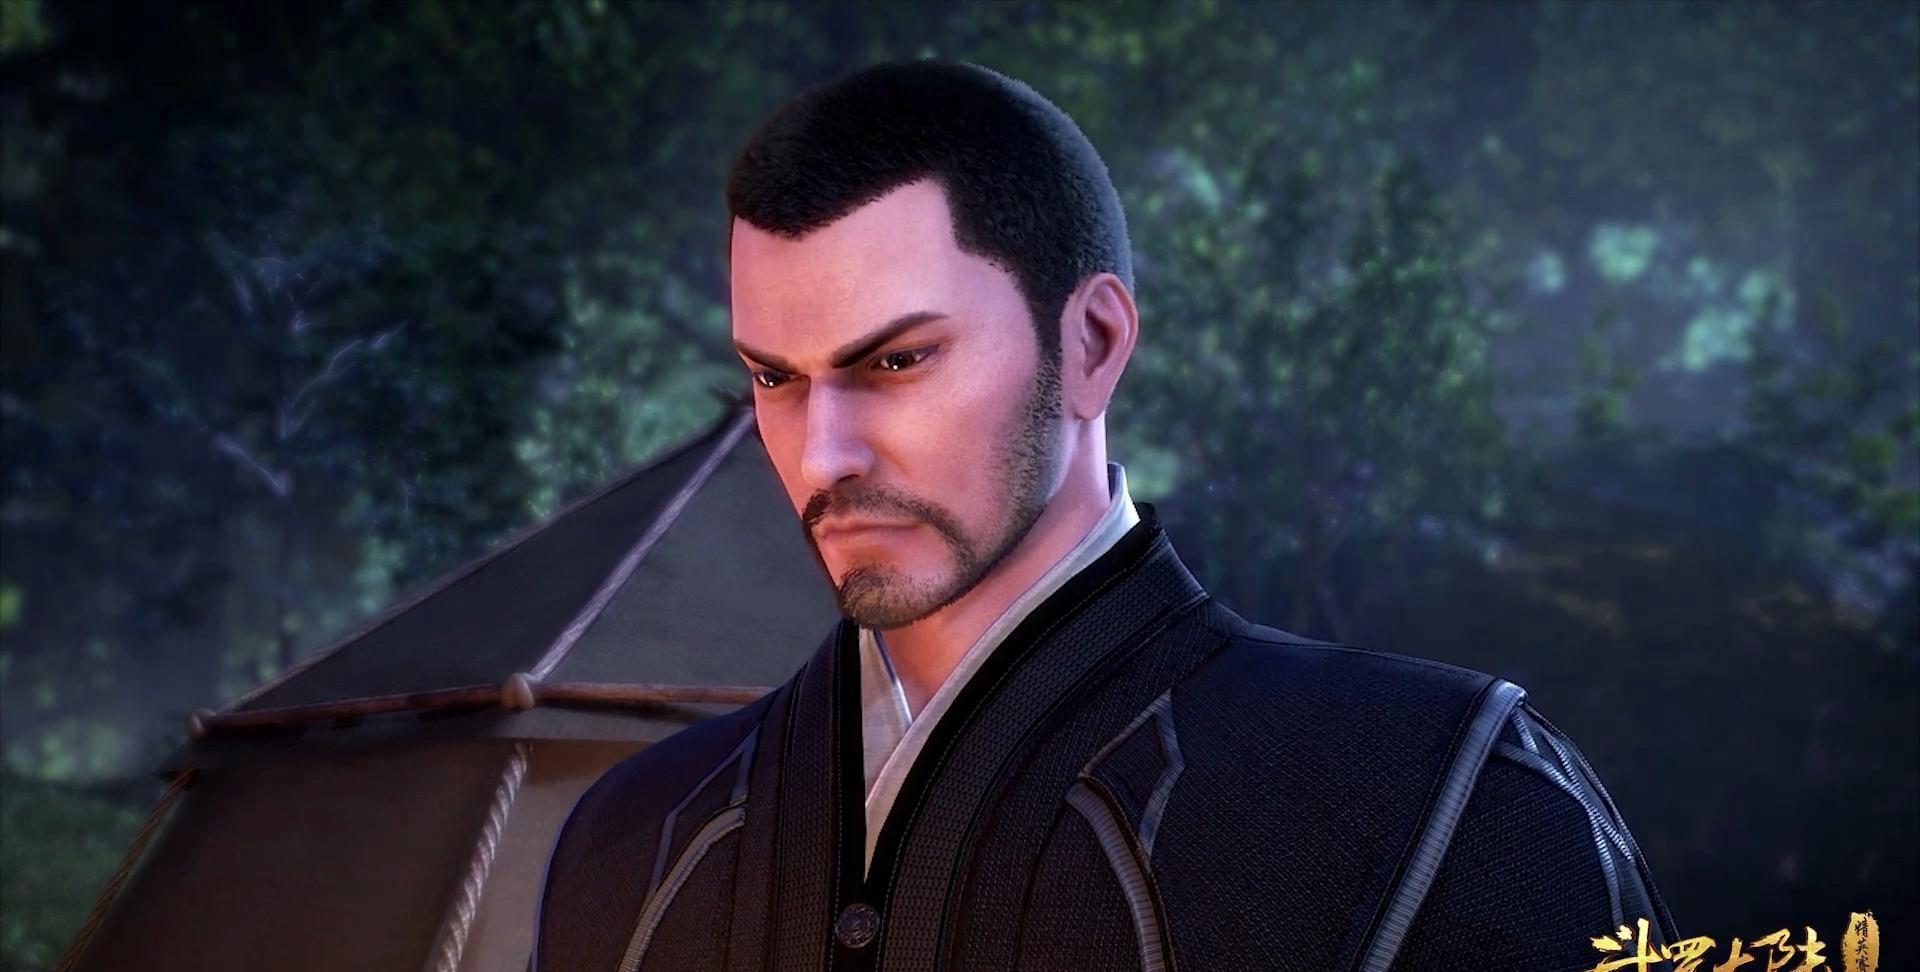 斗罗大陆:大地之王出现得恰逢其时不然大师和柳二龙会更尴尬